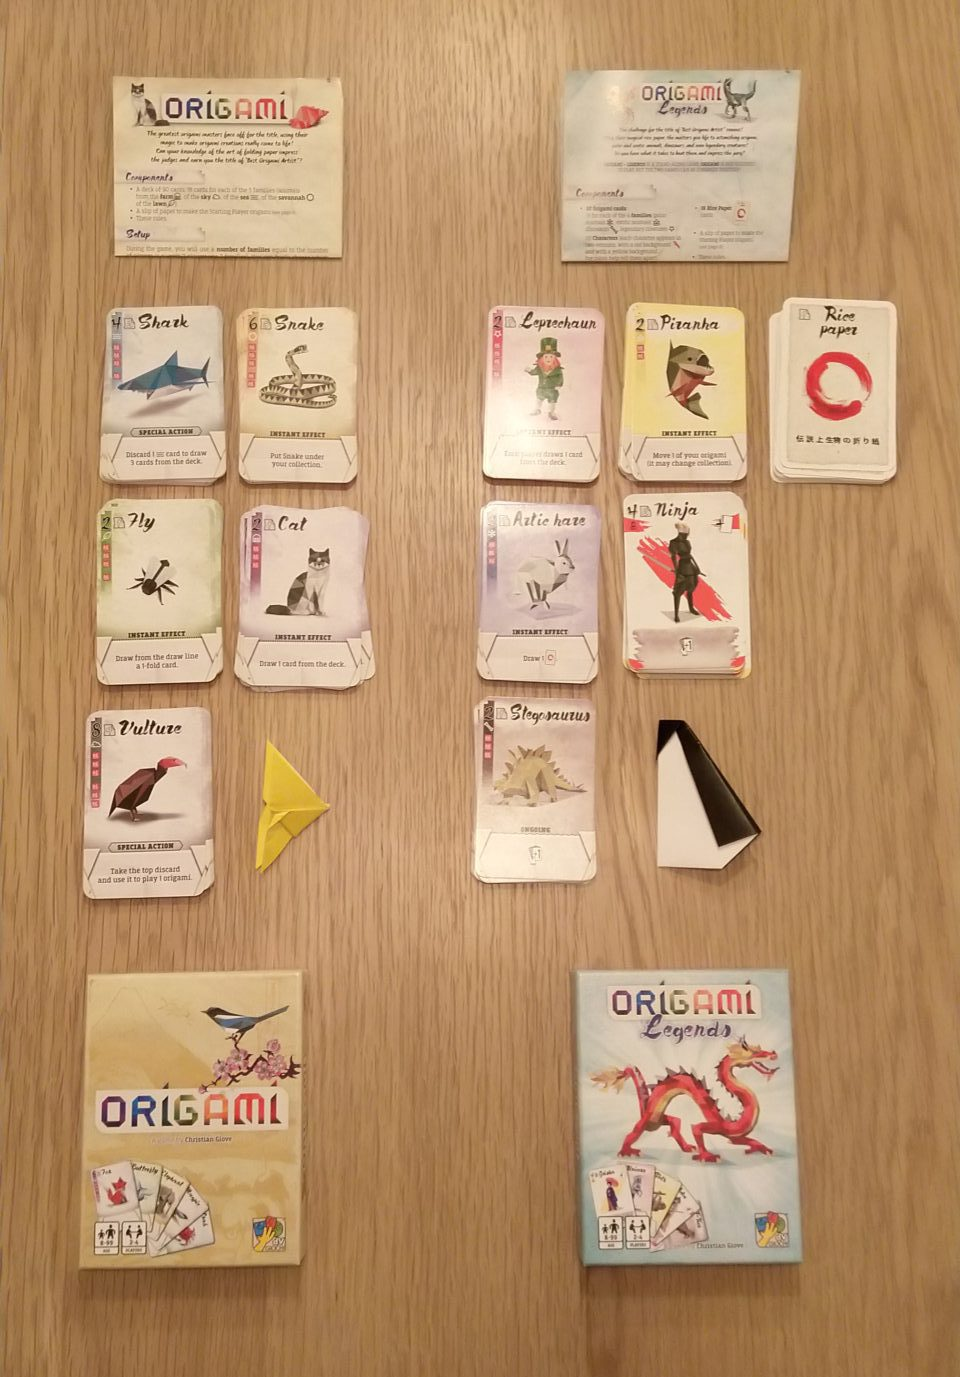 Origami Legends spelen